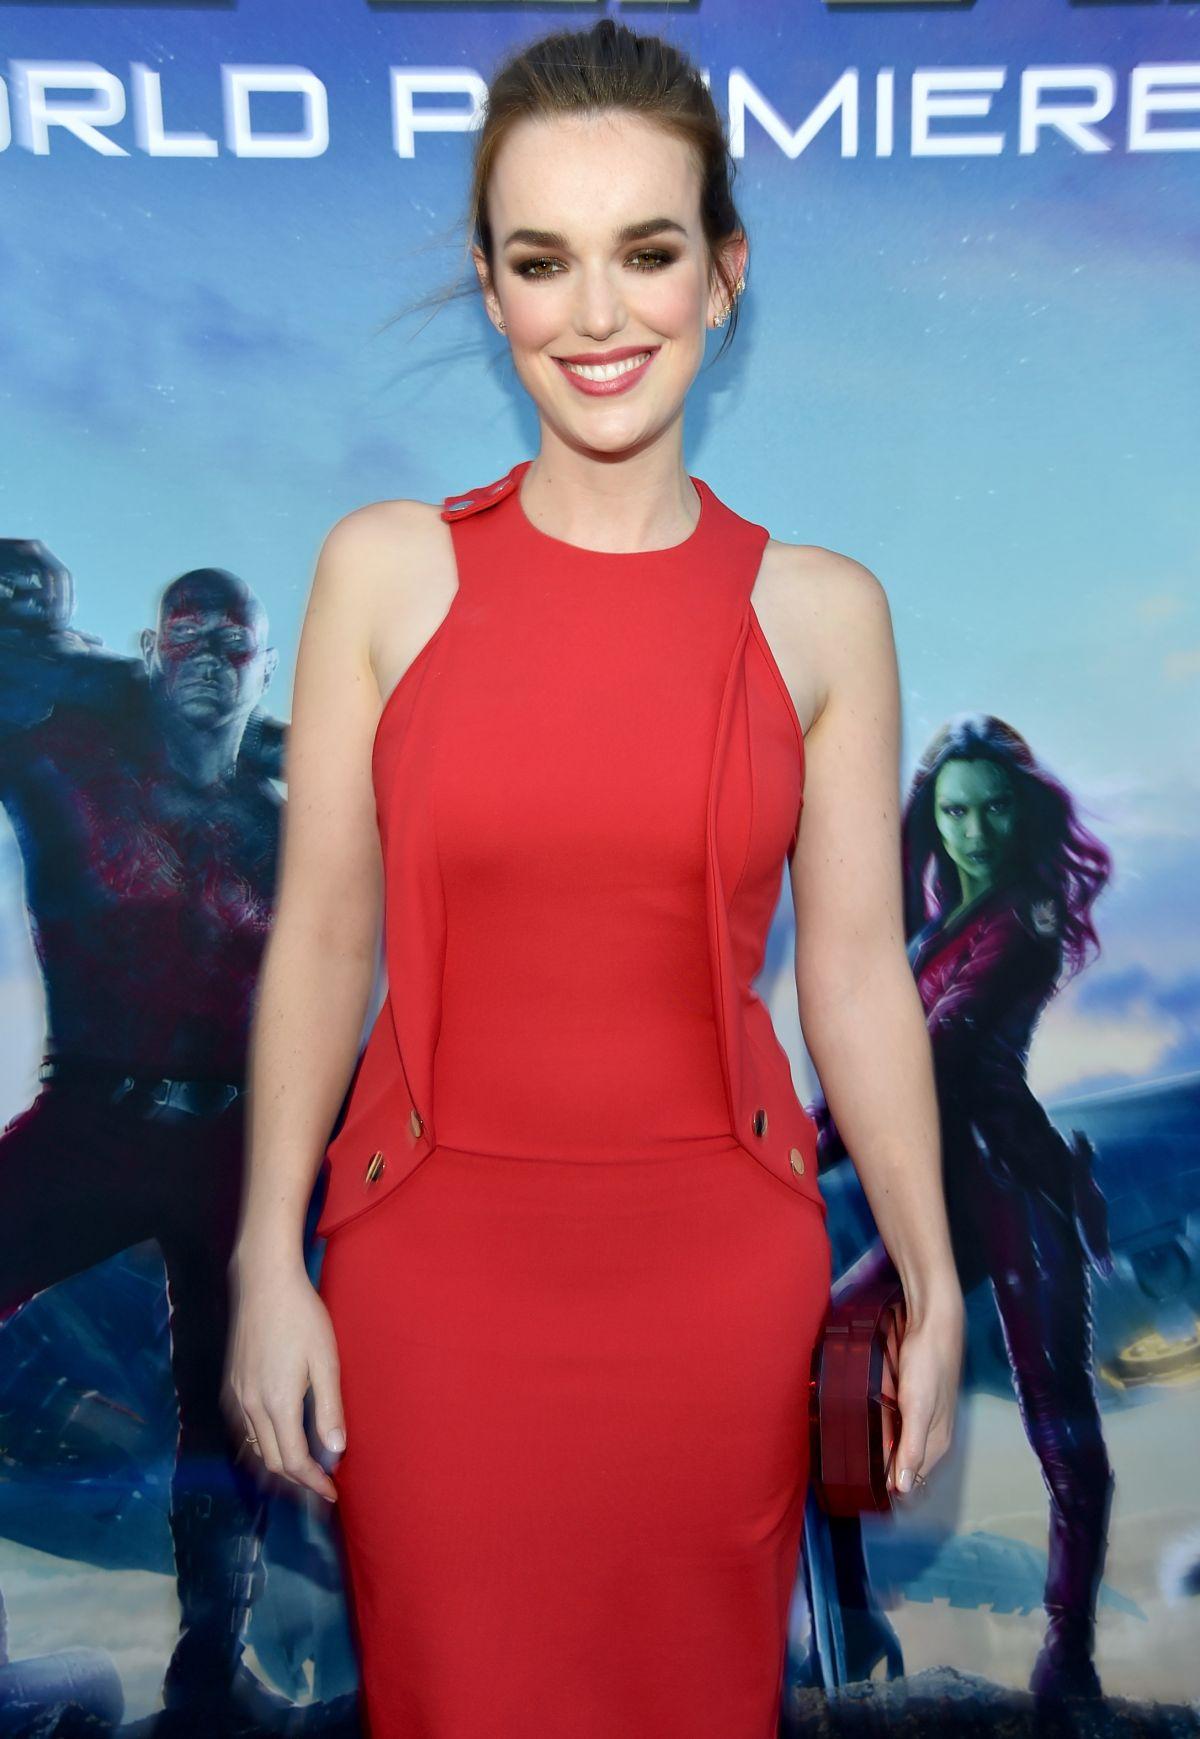 ELIZABETH HENSTRIDGE at Guardians of the Galaxy premiere www.scifiempire.net